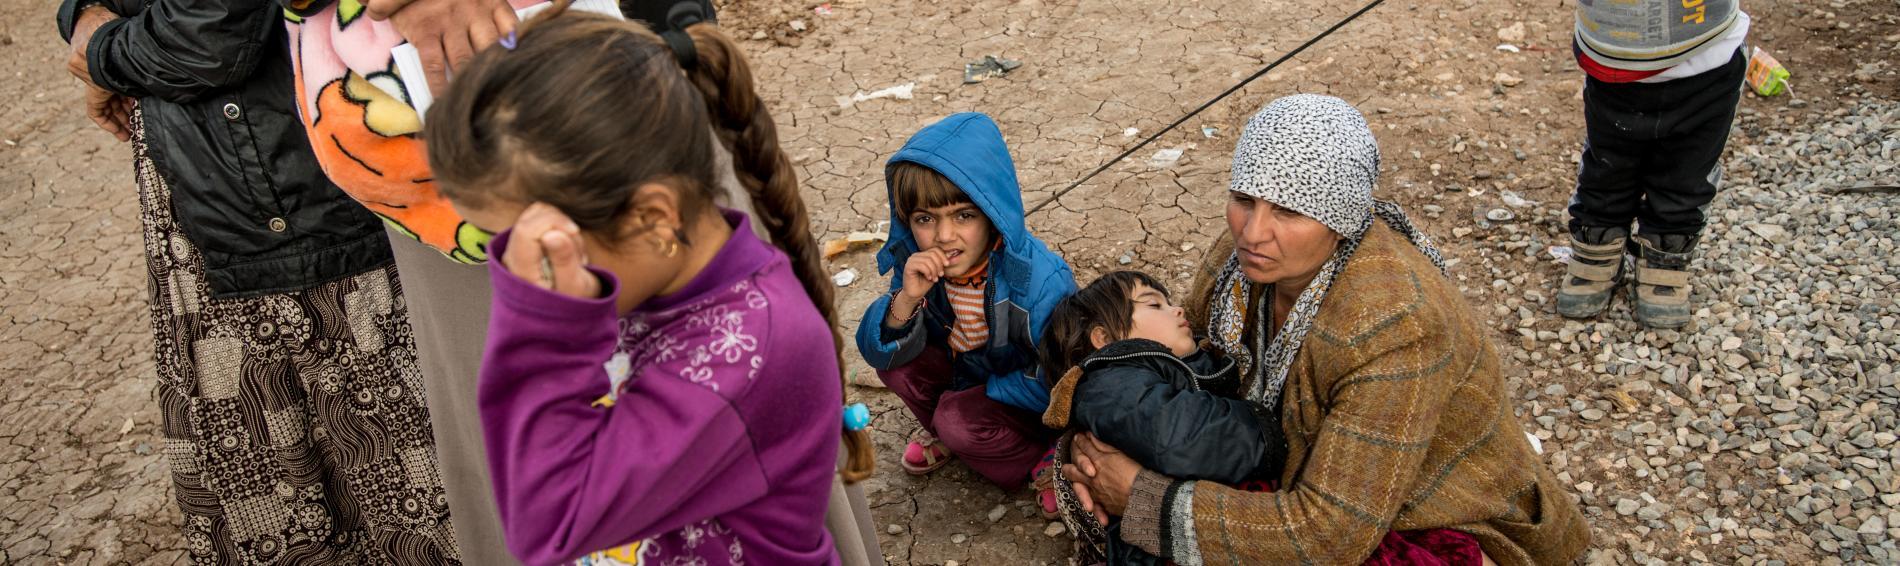 Kinder, Frauen und Männer fliehen aus Mossul und suchen Schutz in Flüchtlingscamps. Foto: Guillaume Pinon